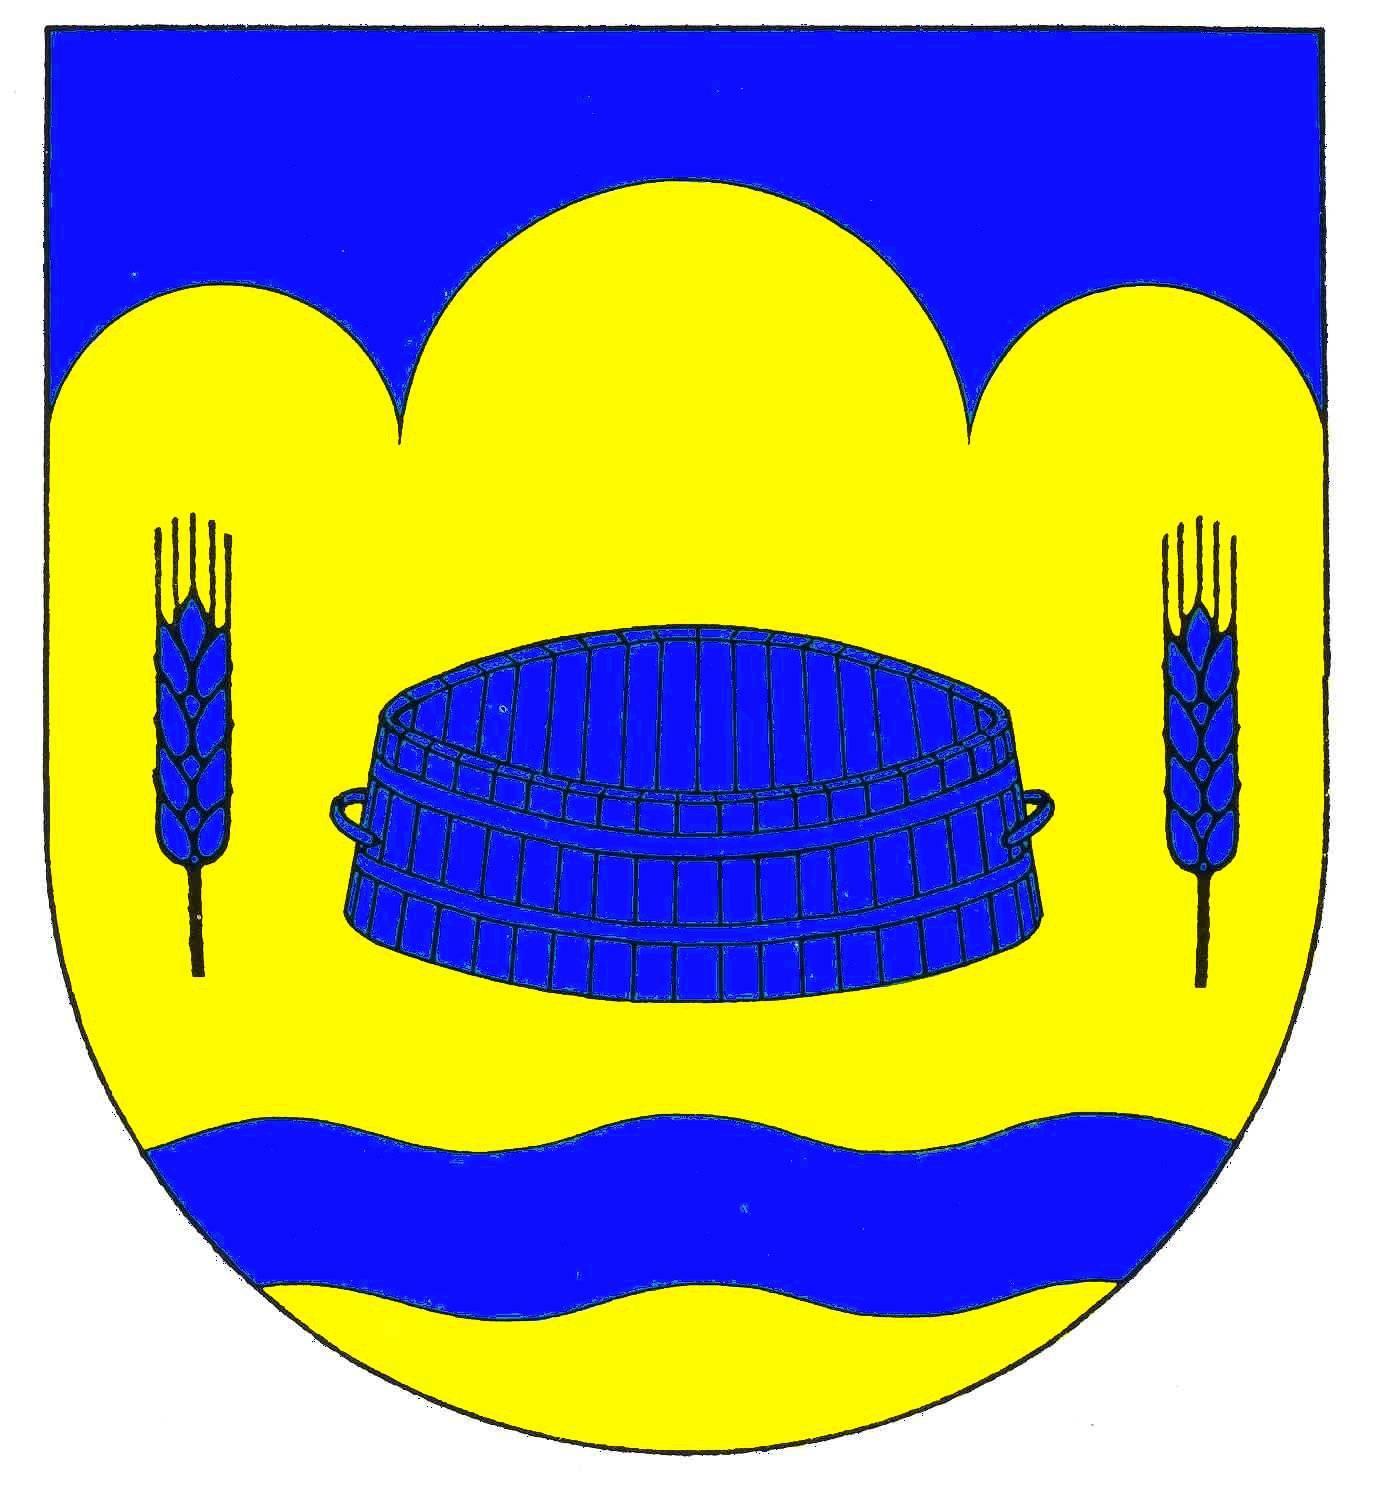 Wappen GemeindeAscheffel, Kreis Rendsburg-Eckernförde